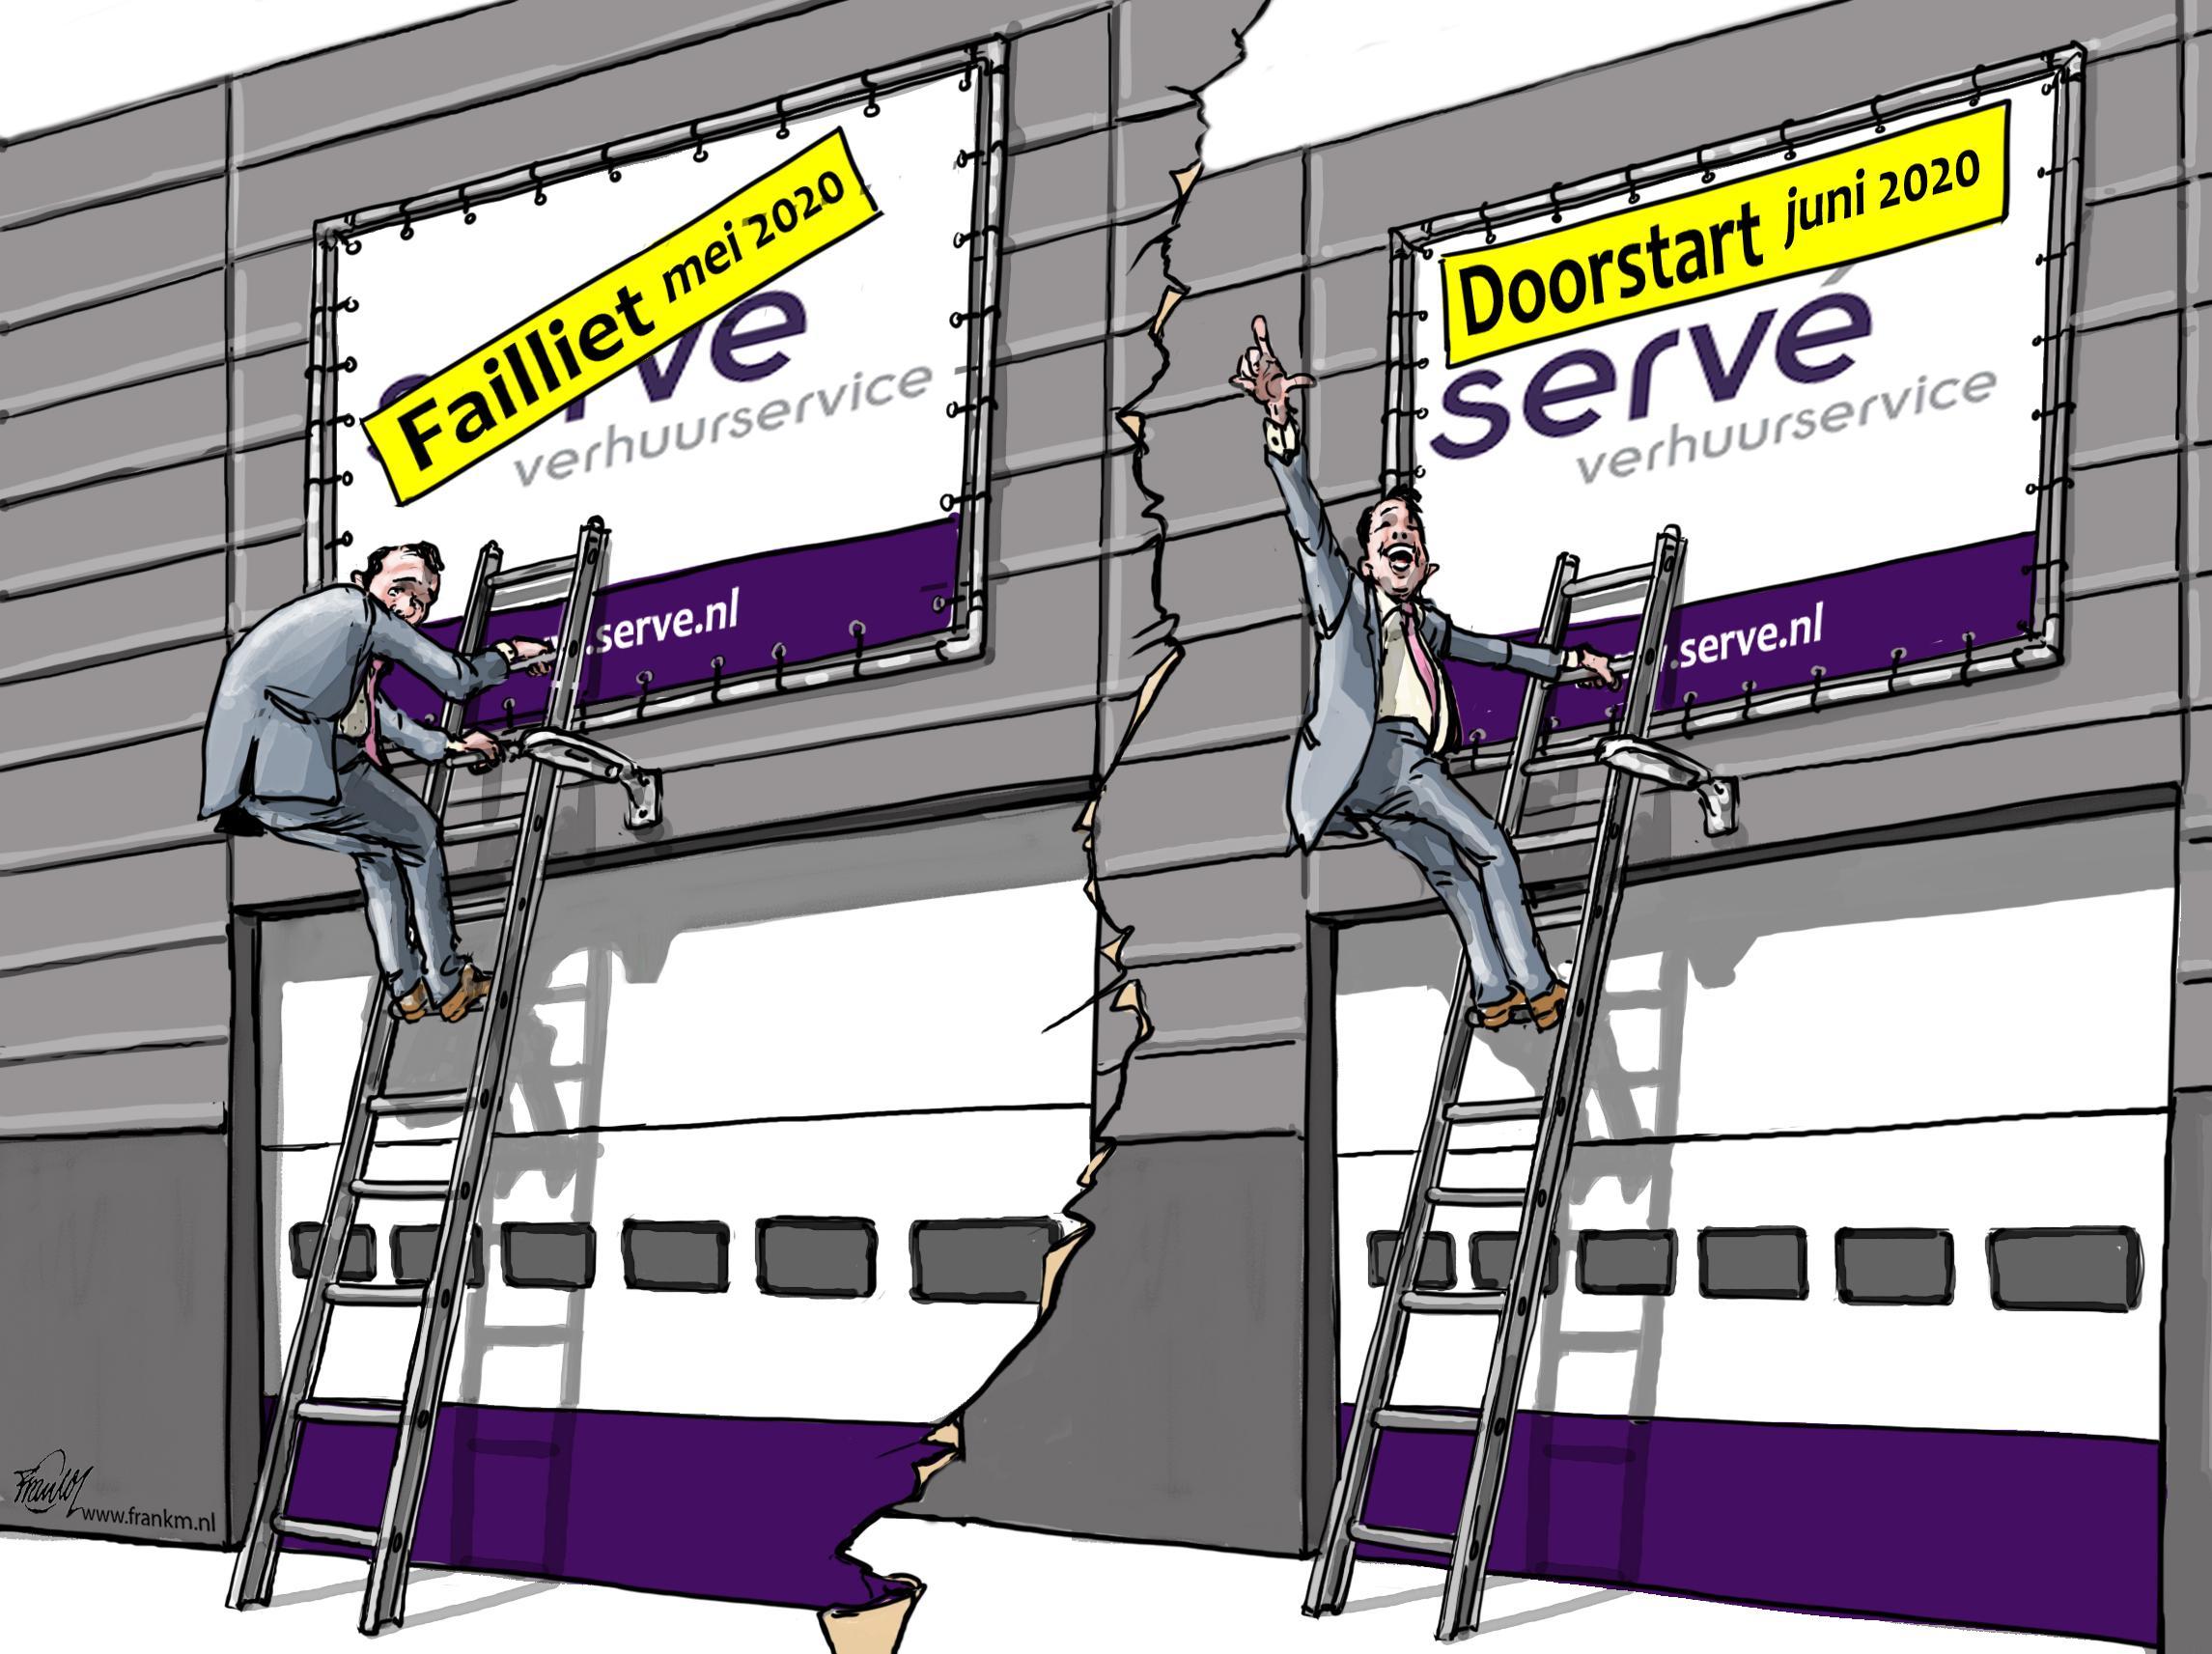 Oud-medewerkers verbaasd en verontwaardigd over faillissement en doorstart van Servé: 'Dit geeft een wrange nasmaak'